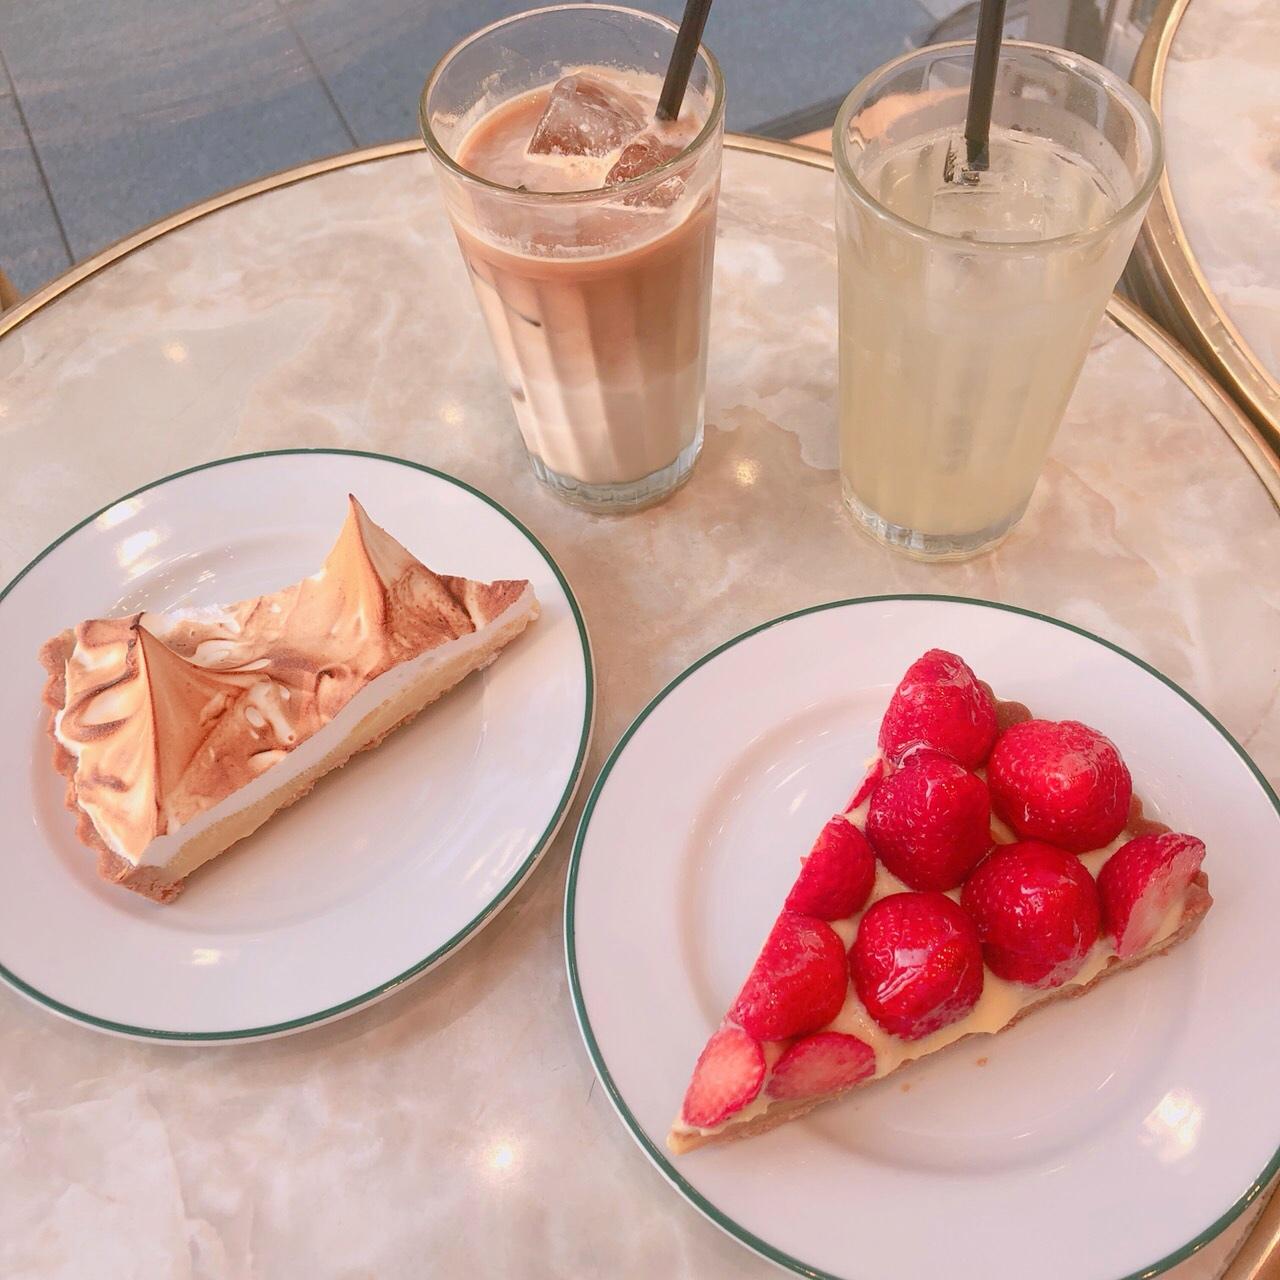 大阪のパリで名物レモンタルトを♡都会の中でもフランスの気分が楽しめるお店♡_1